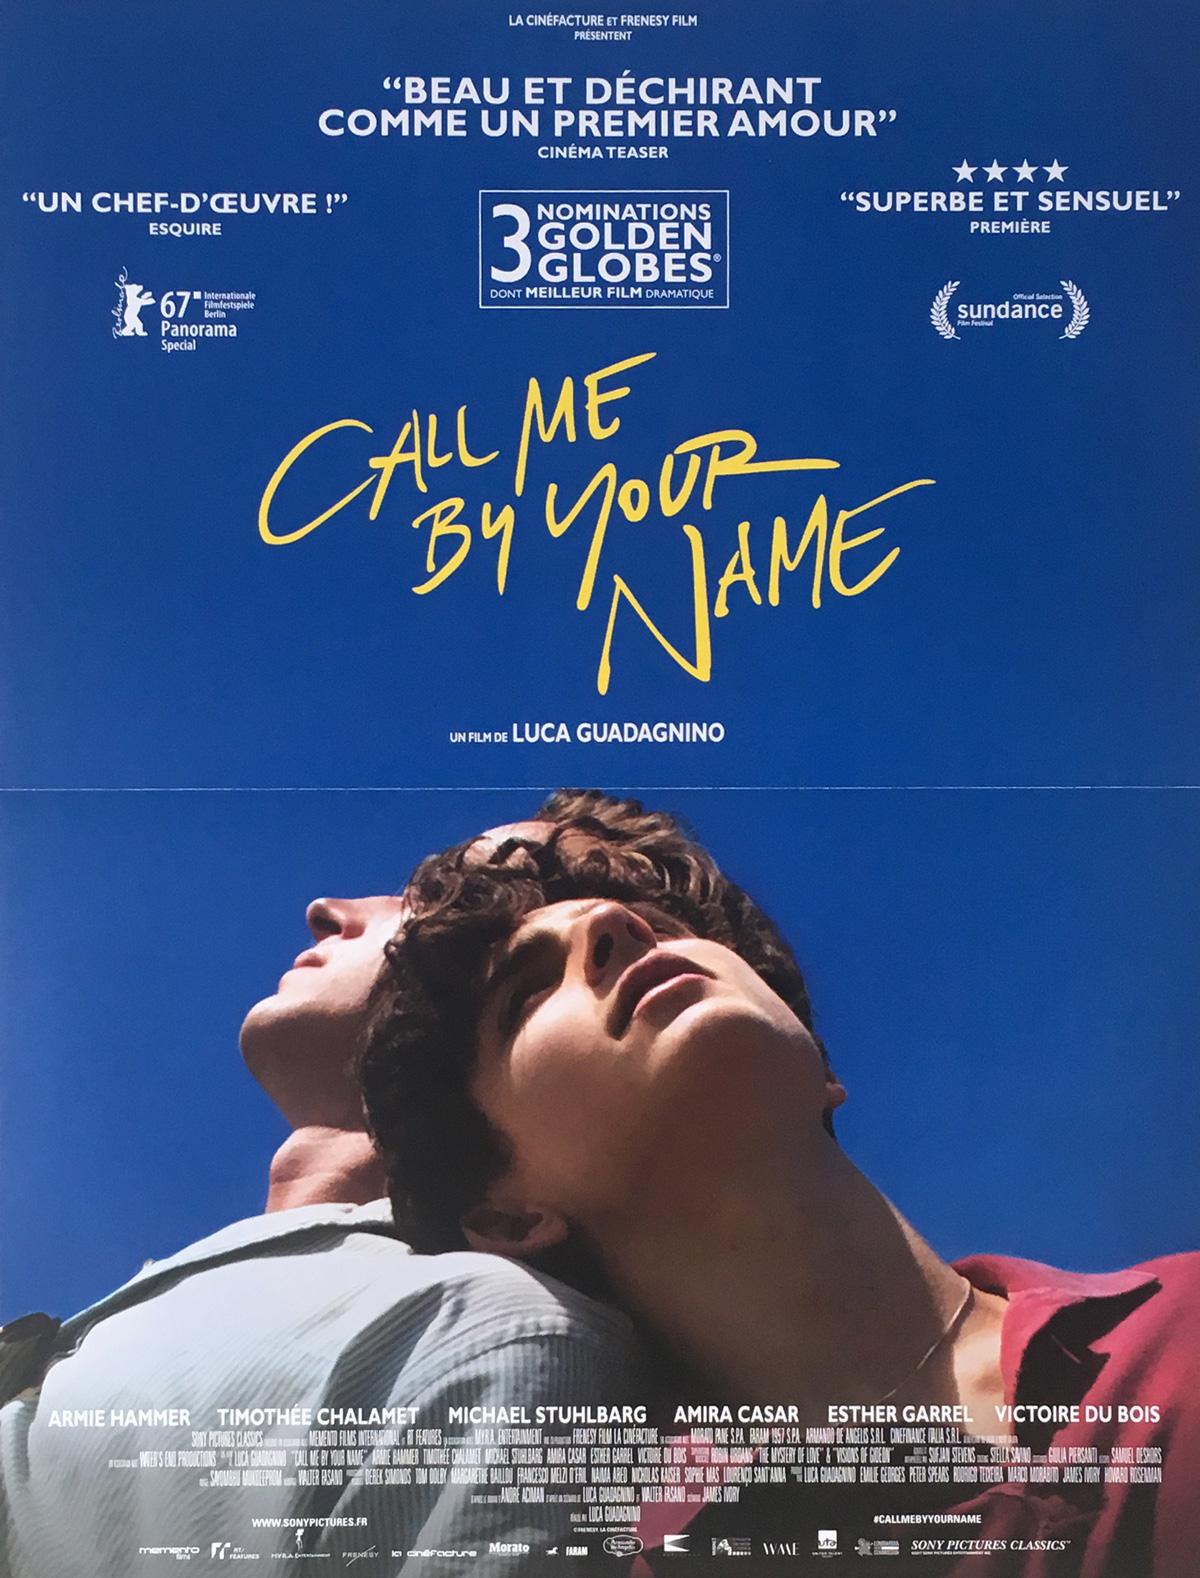 Votre dernier film visionné - Page 20 Call-me-by-your-name-affiche-de-film-40x60-cm-2018-armie-hammer-luca-guadagnino